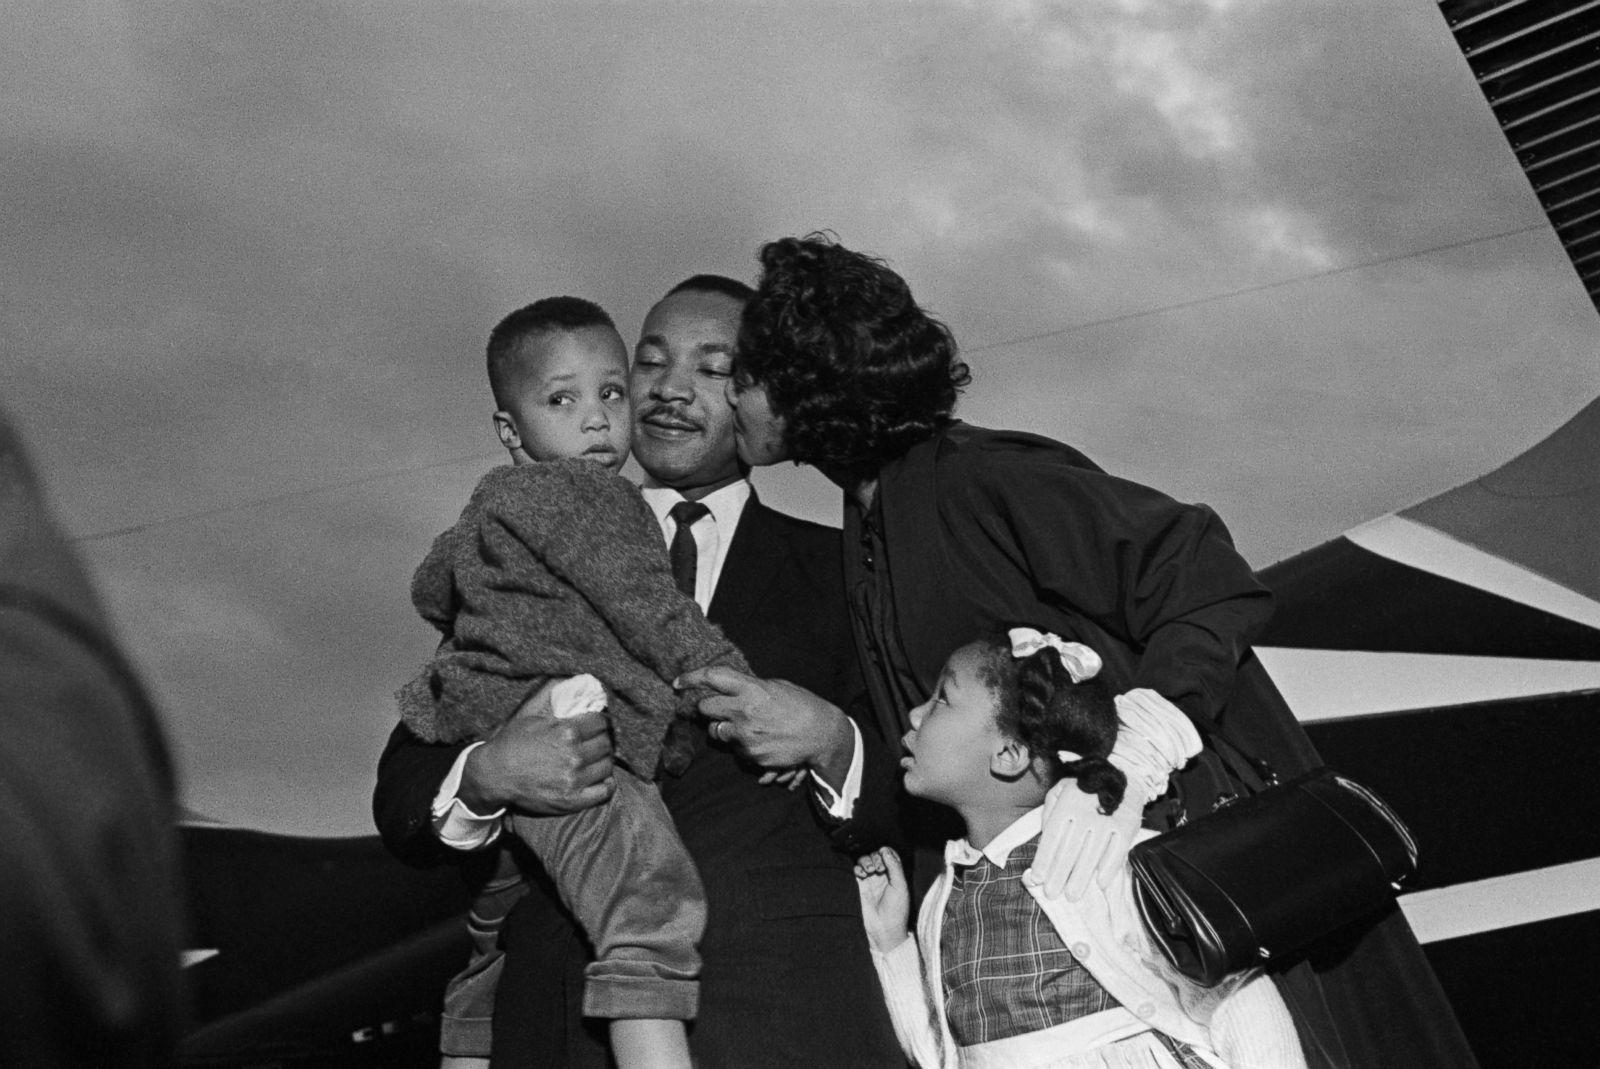 馬丁路德金與家人合影。abc